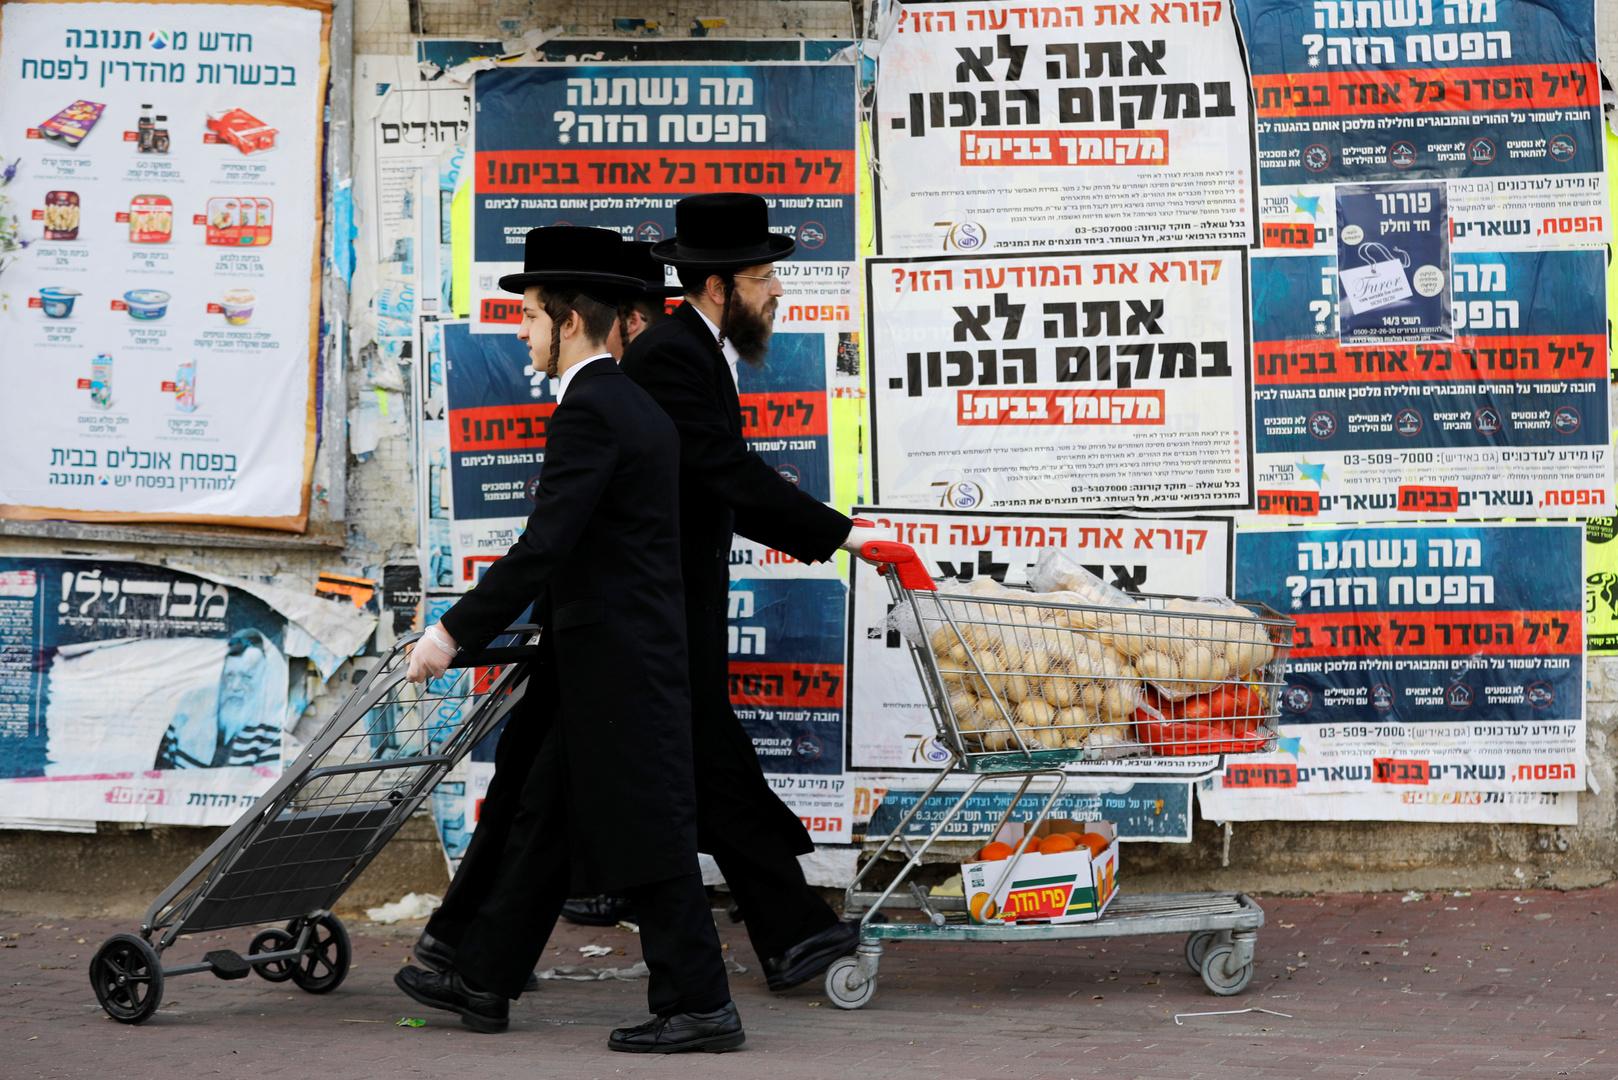 ارتفاع عدد المصابين بفيروس كورونا في إسرائيل إلى 7589 شخصا وعدد الوفيات إلى 42 حالة